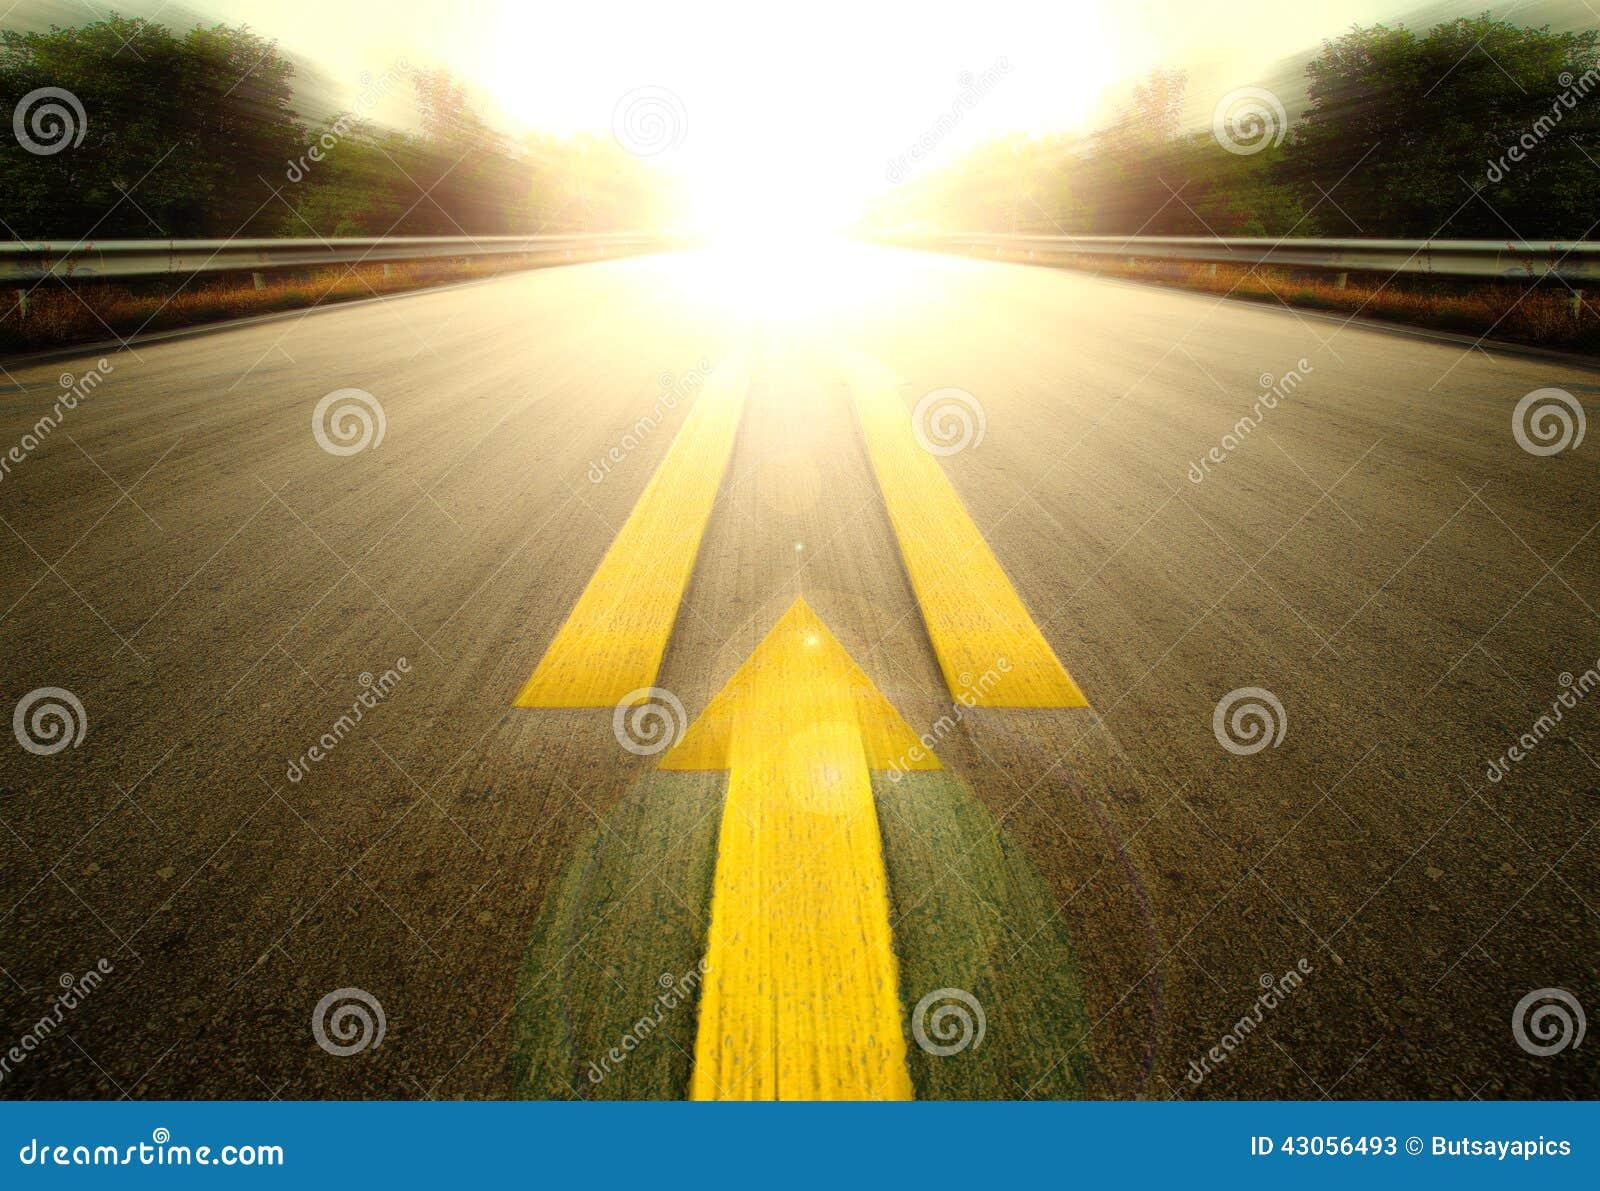 Дорога и желтая стрелка